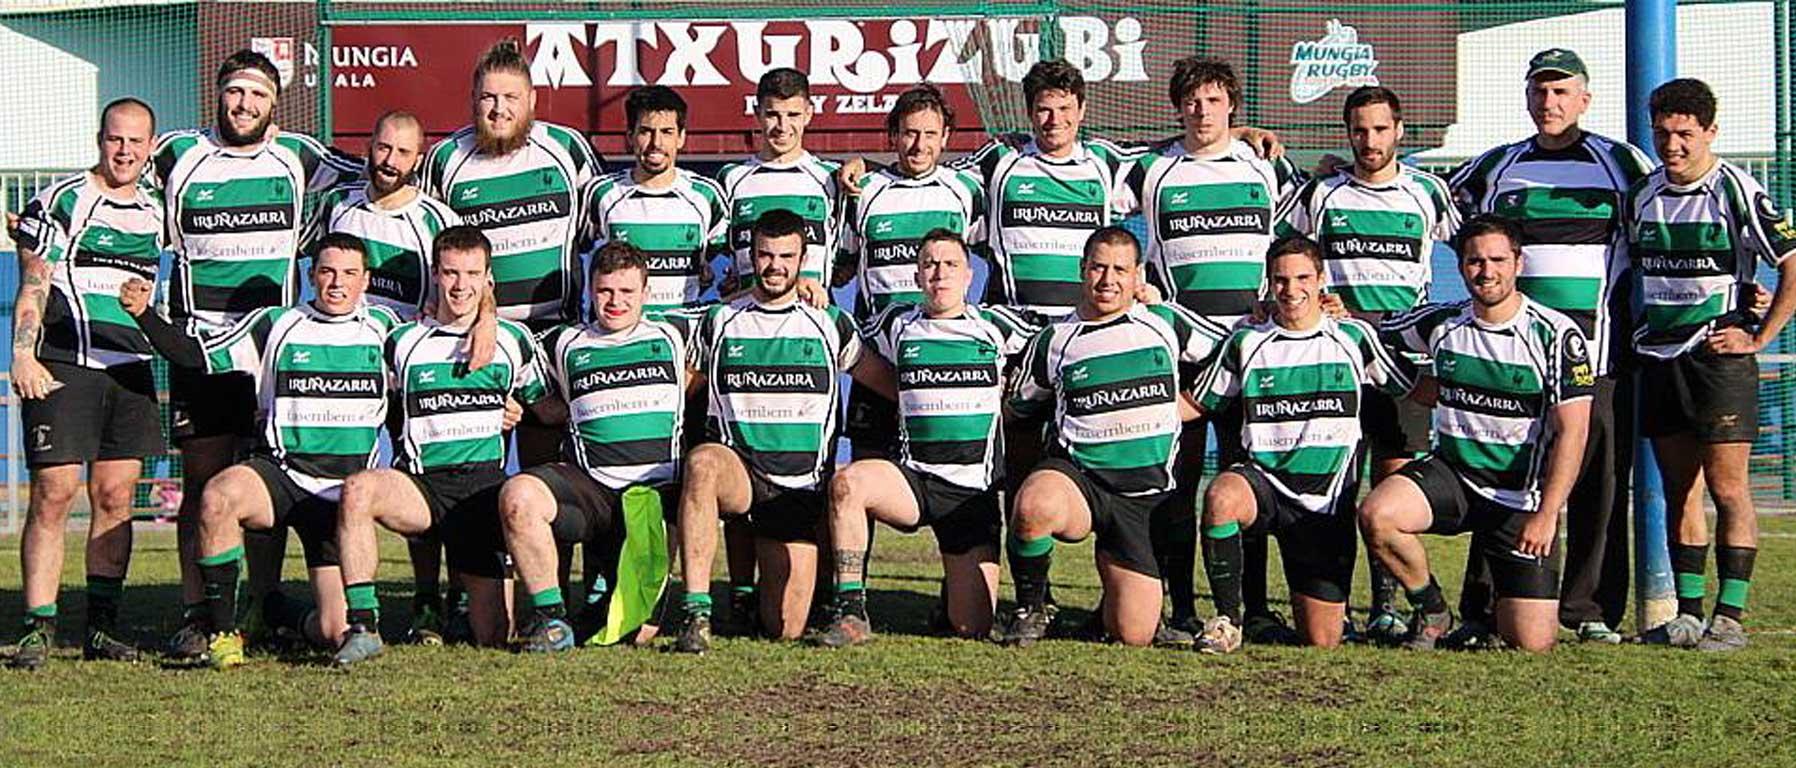 Equipo Senior B Rugby La única navarra